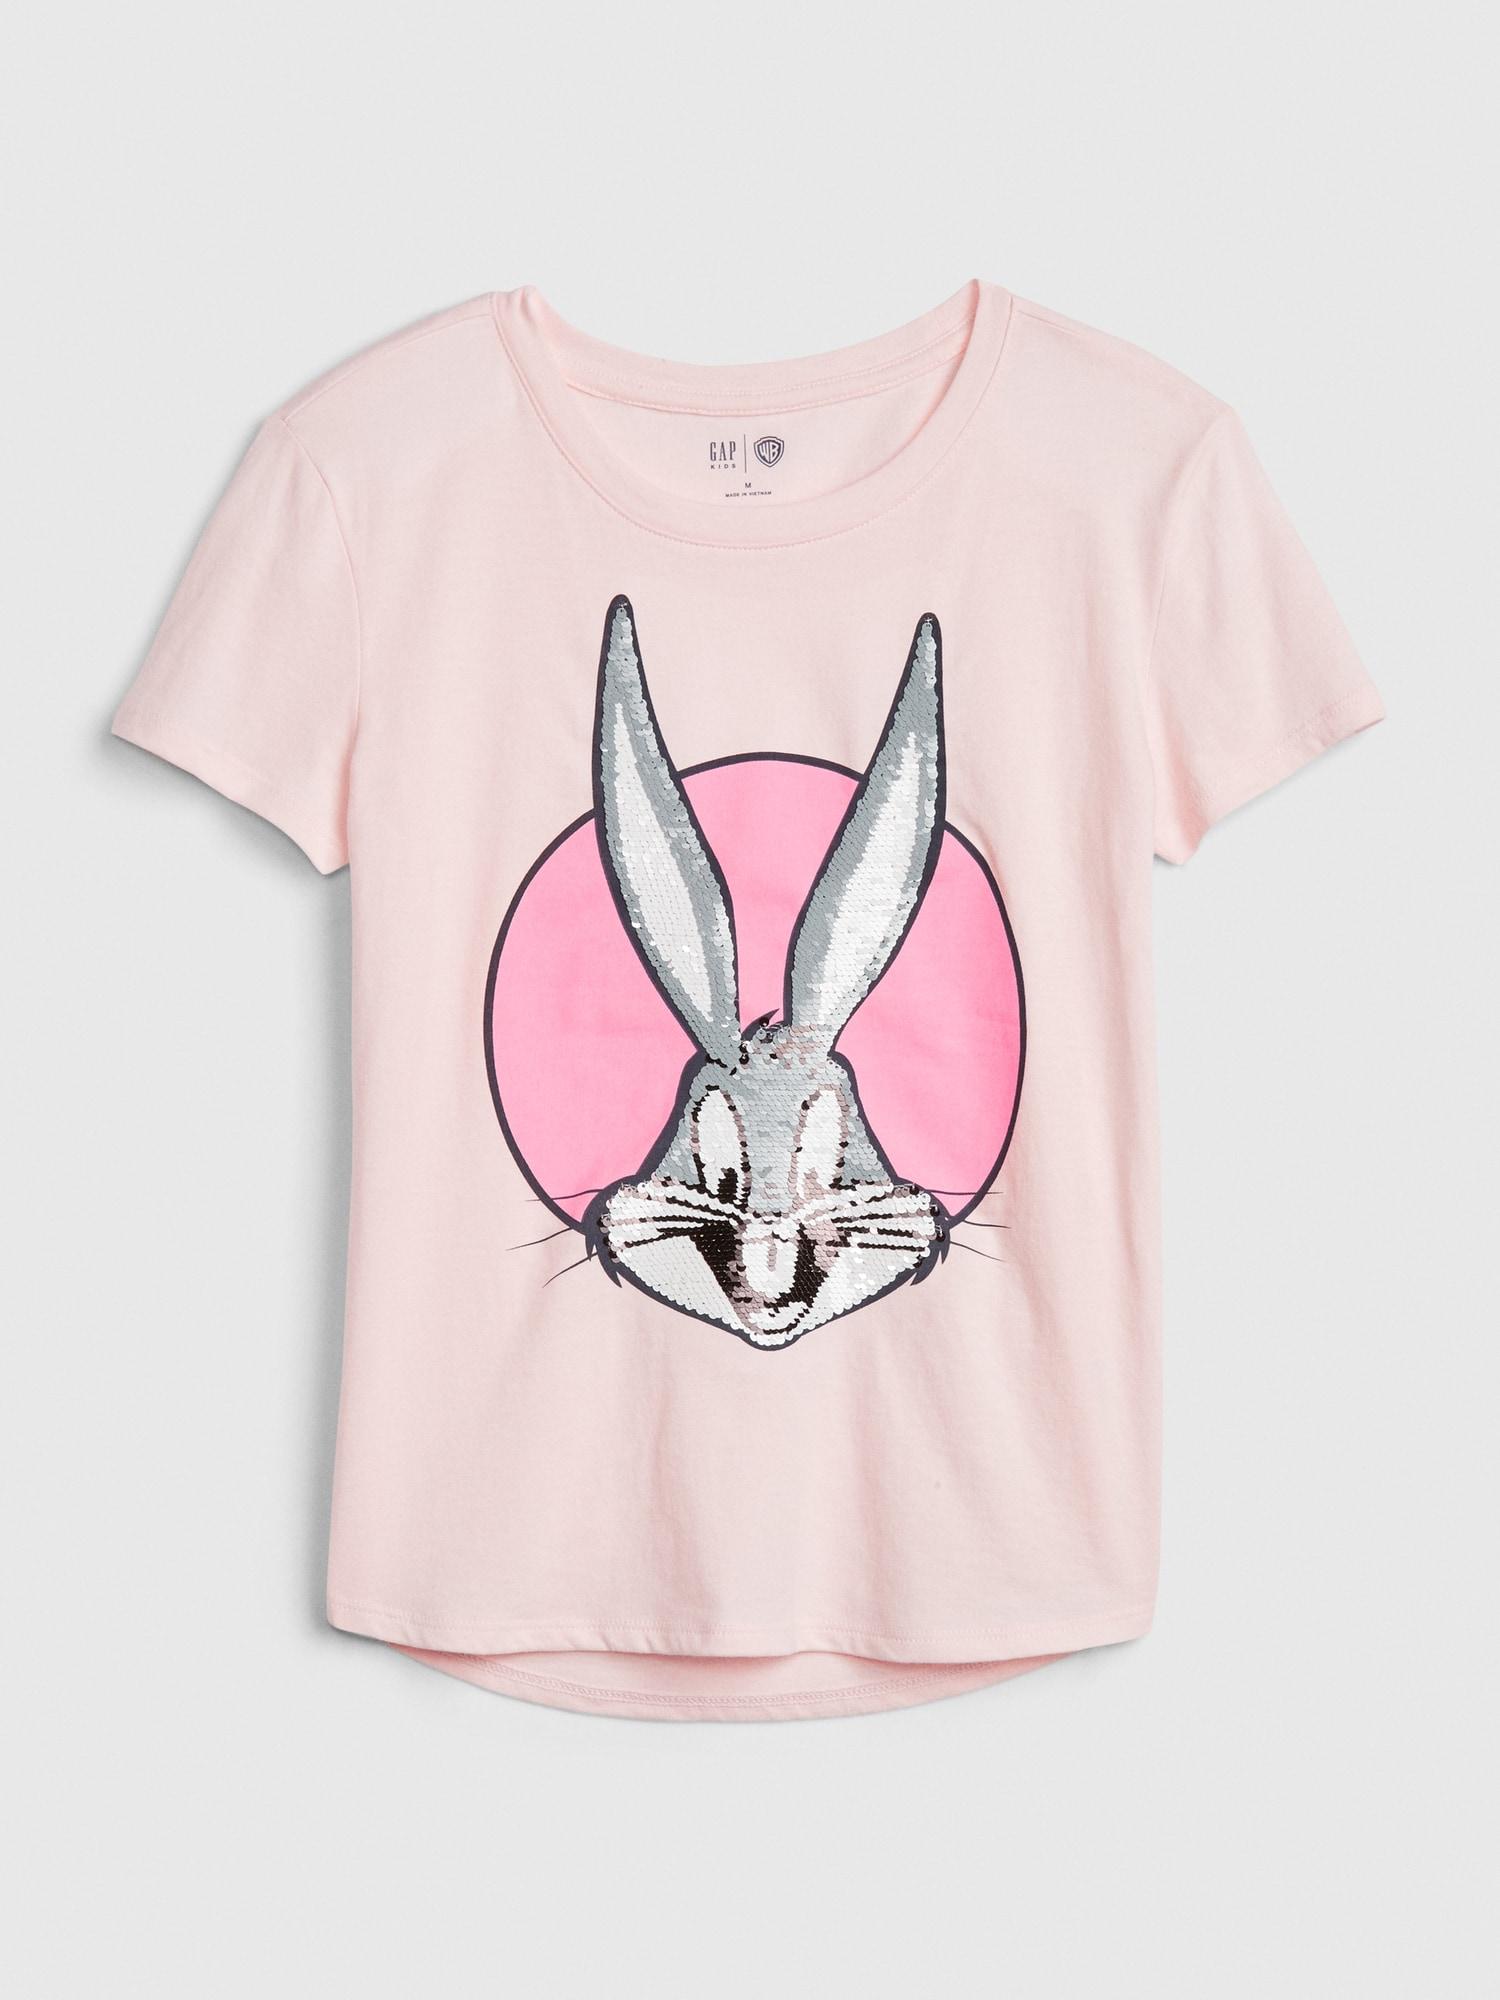 GAP Pembe Looney Tunes Kısa Kollu T-Shirt